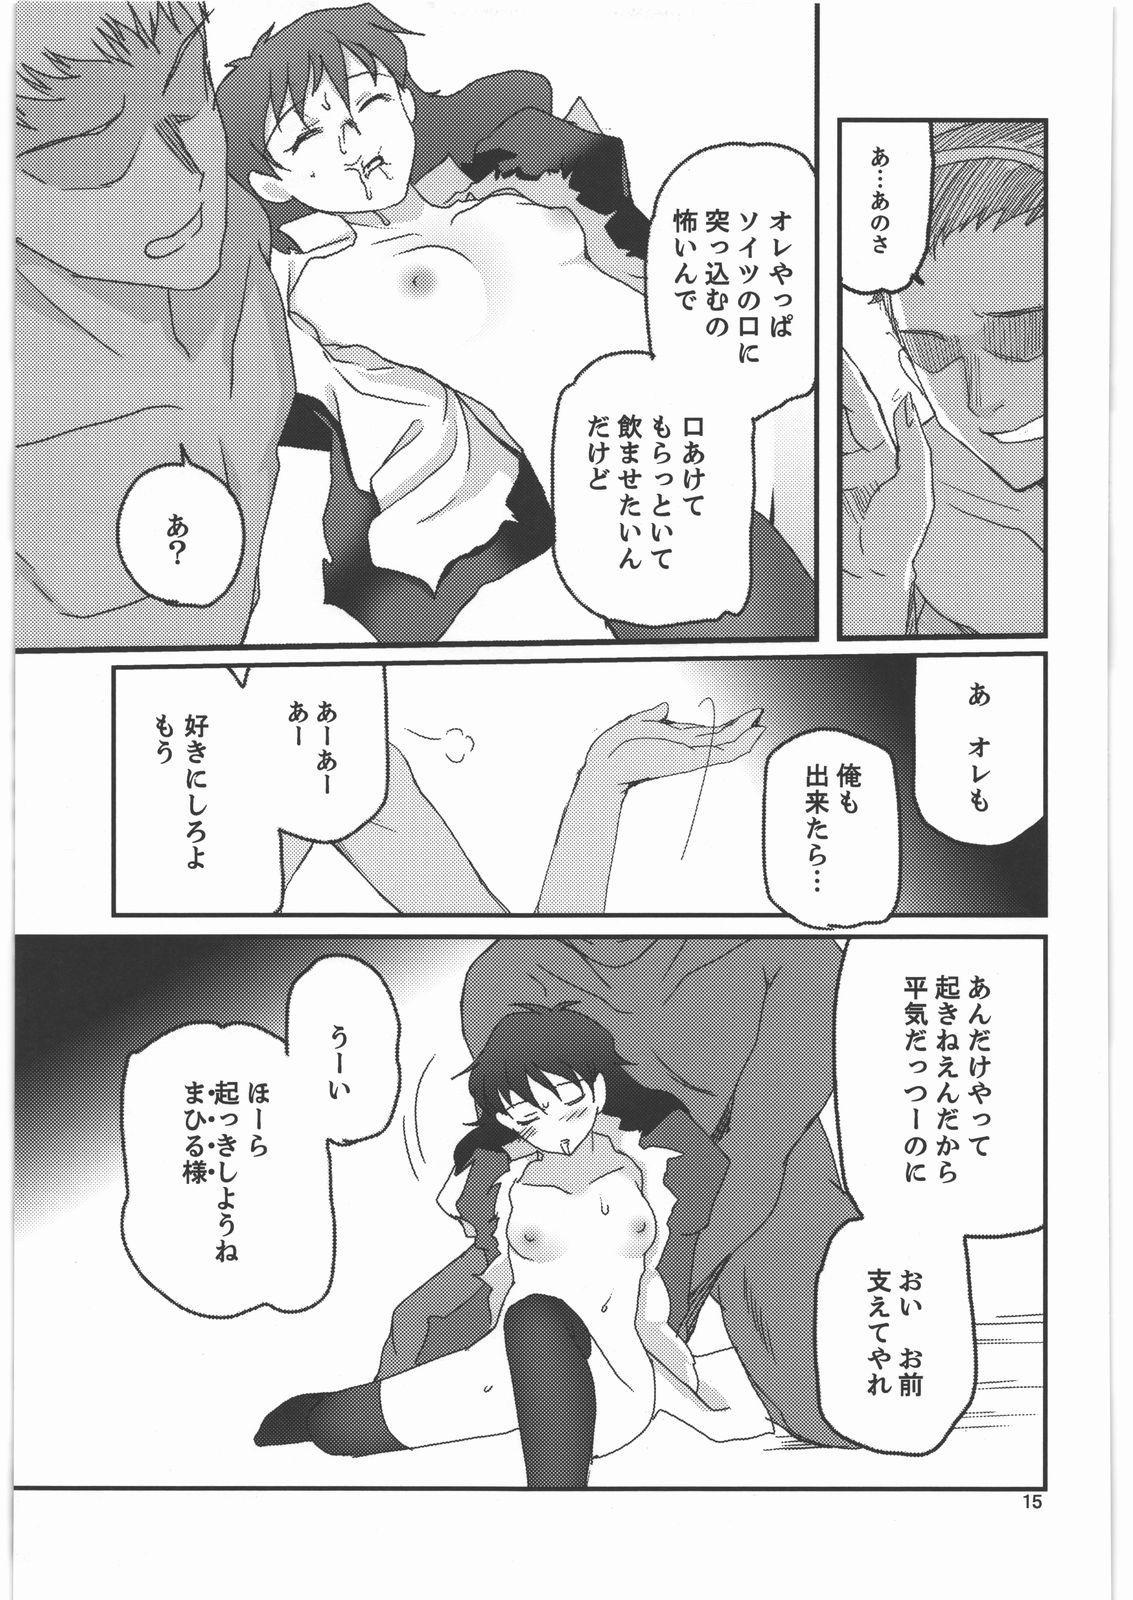 Kamisama Love Dolls 13